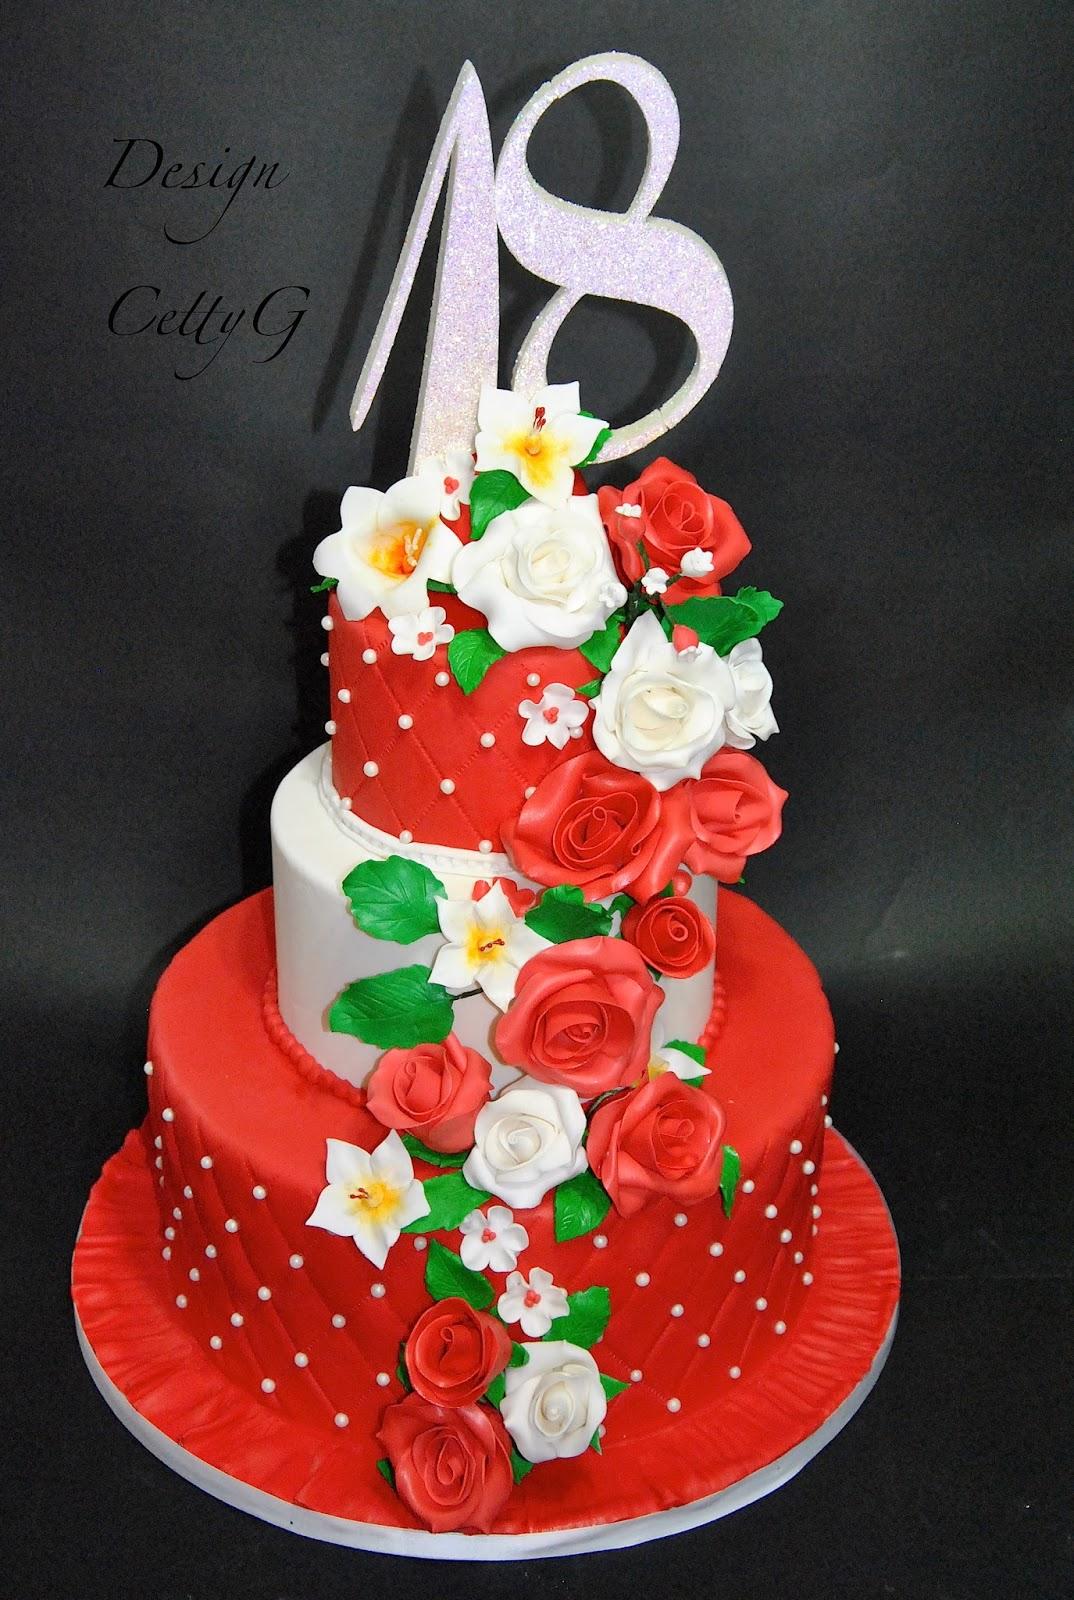 abbastanza Le torte decorate di Cetty G: 18° Compleanno cascata di fiori AA03